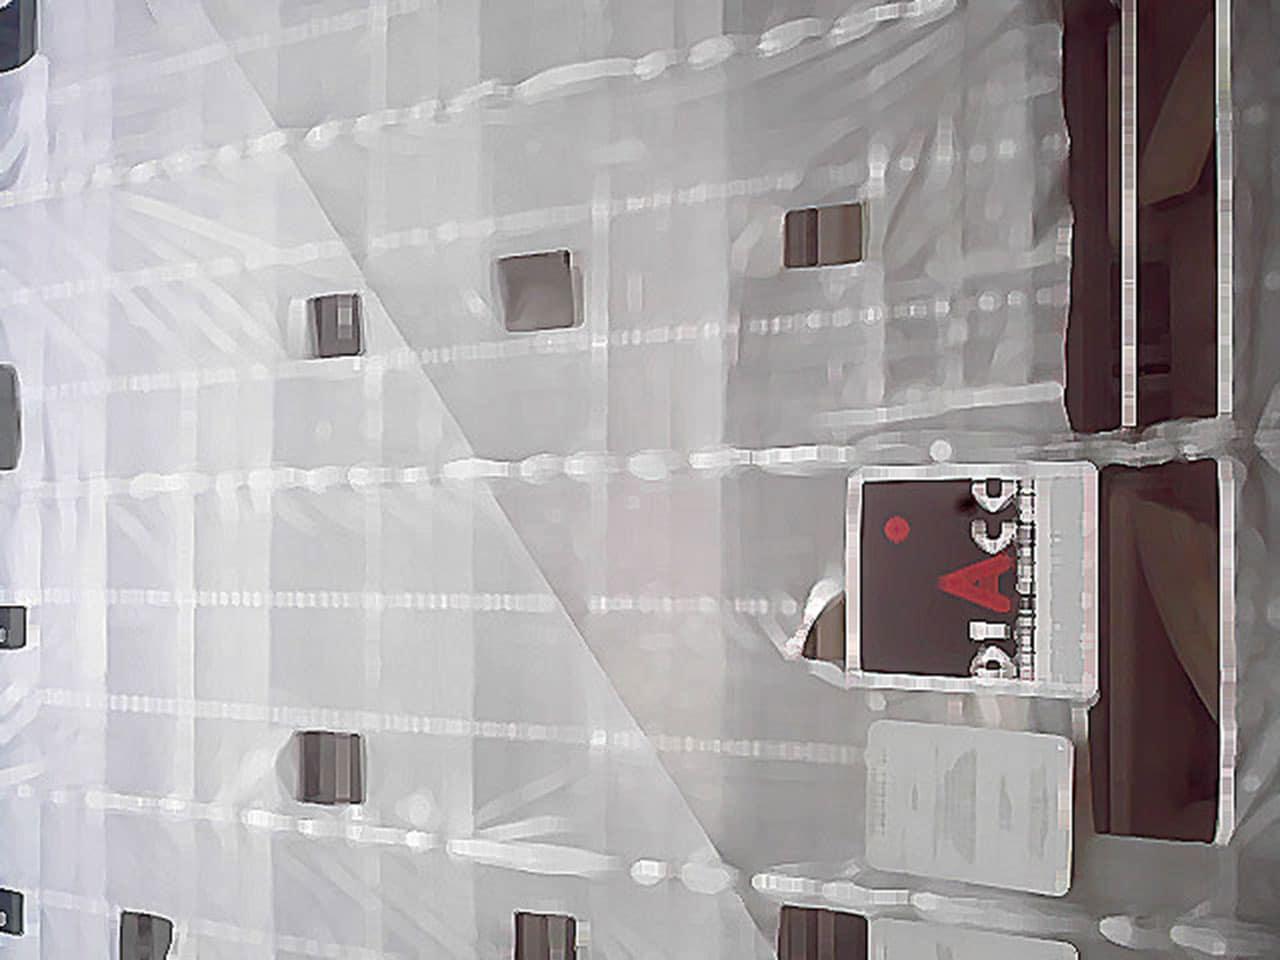 Echafaudage ravalement de façade - CC by Alainlele